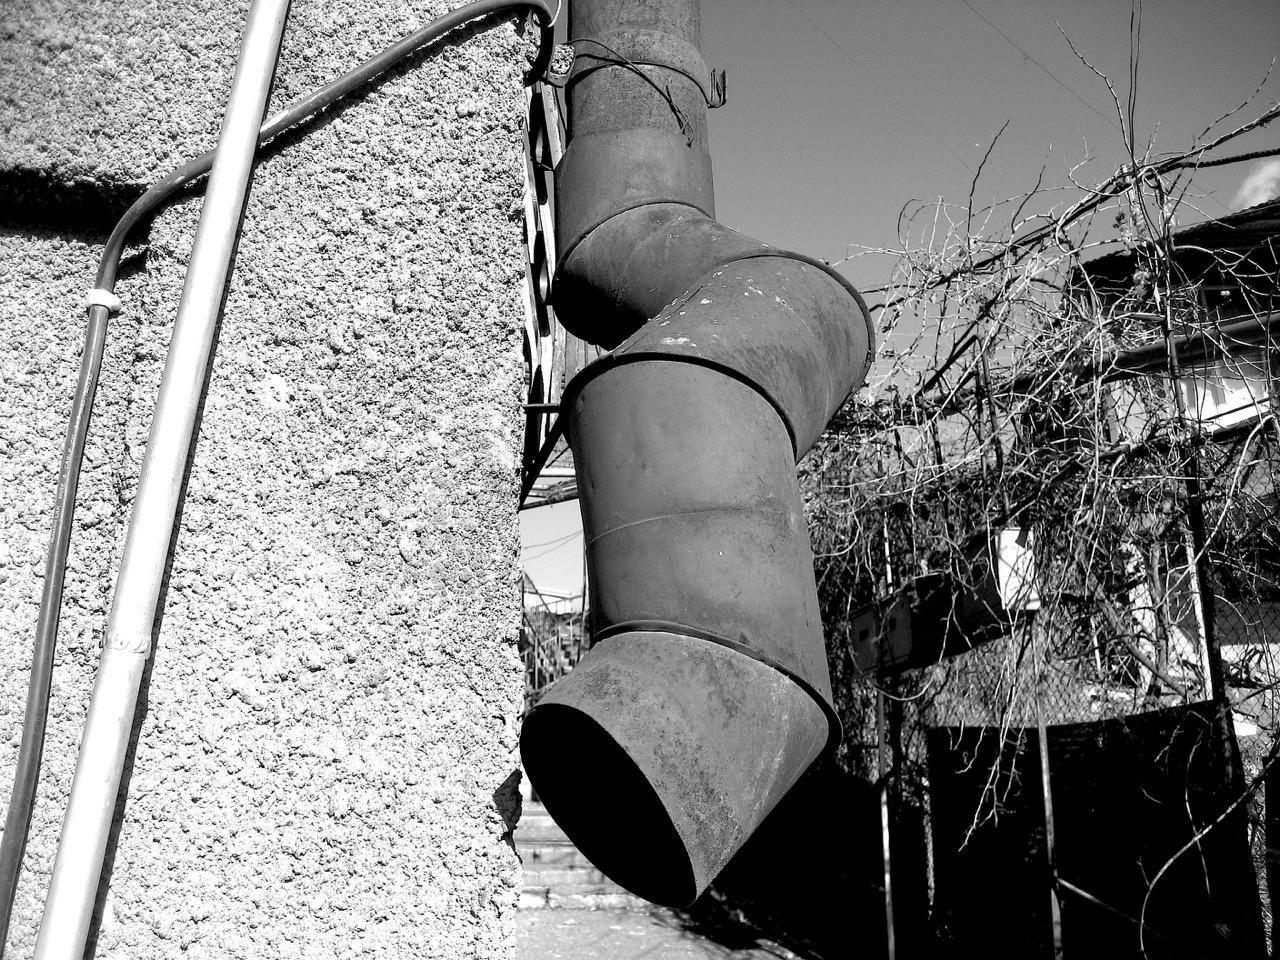 Foto: Armenische Röhre. Aus: Eriwan. Kapitel 4. Aufzeichnungen aus Armenien von Marc Degens.